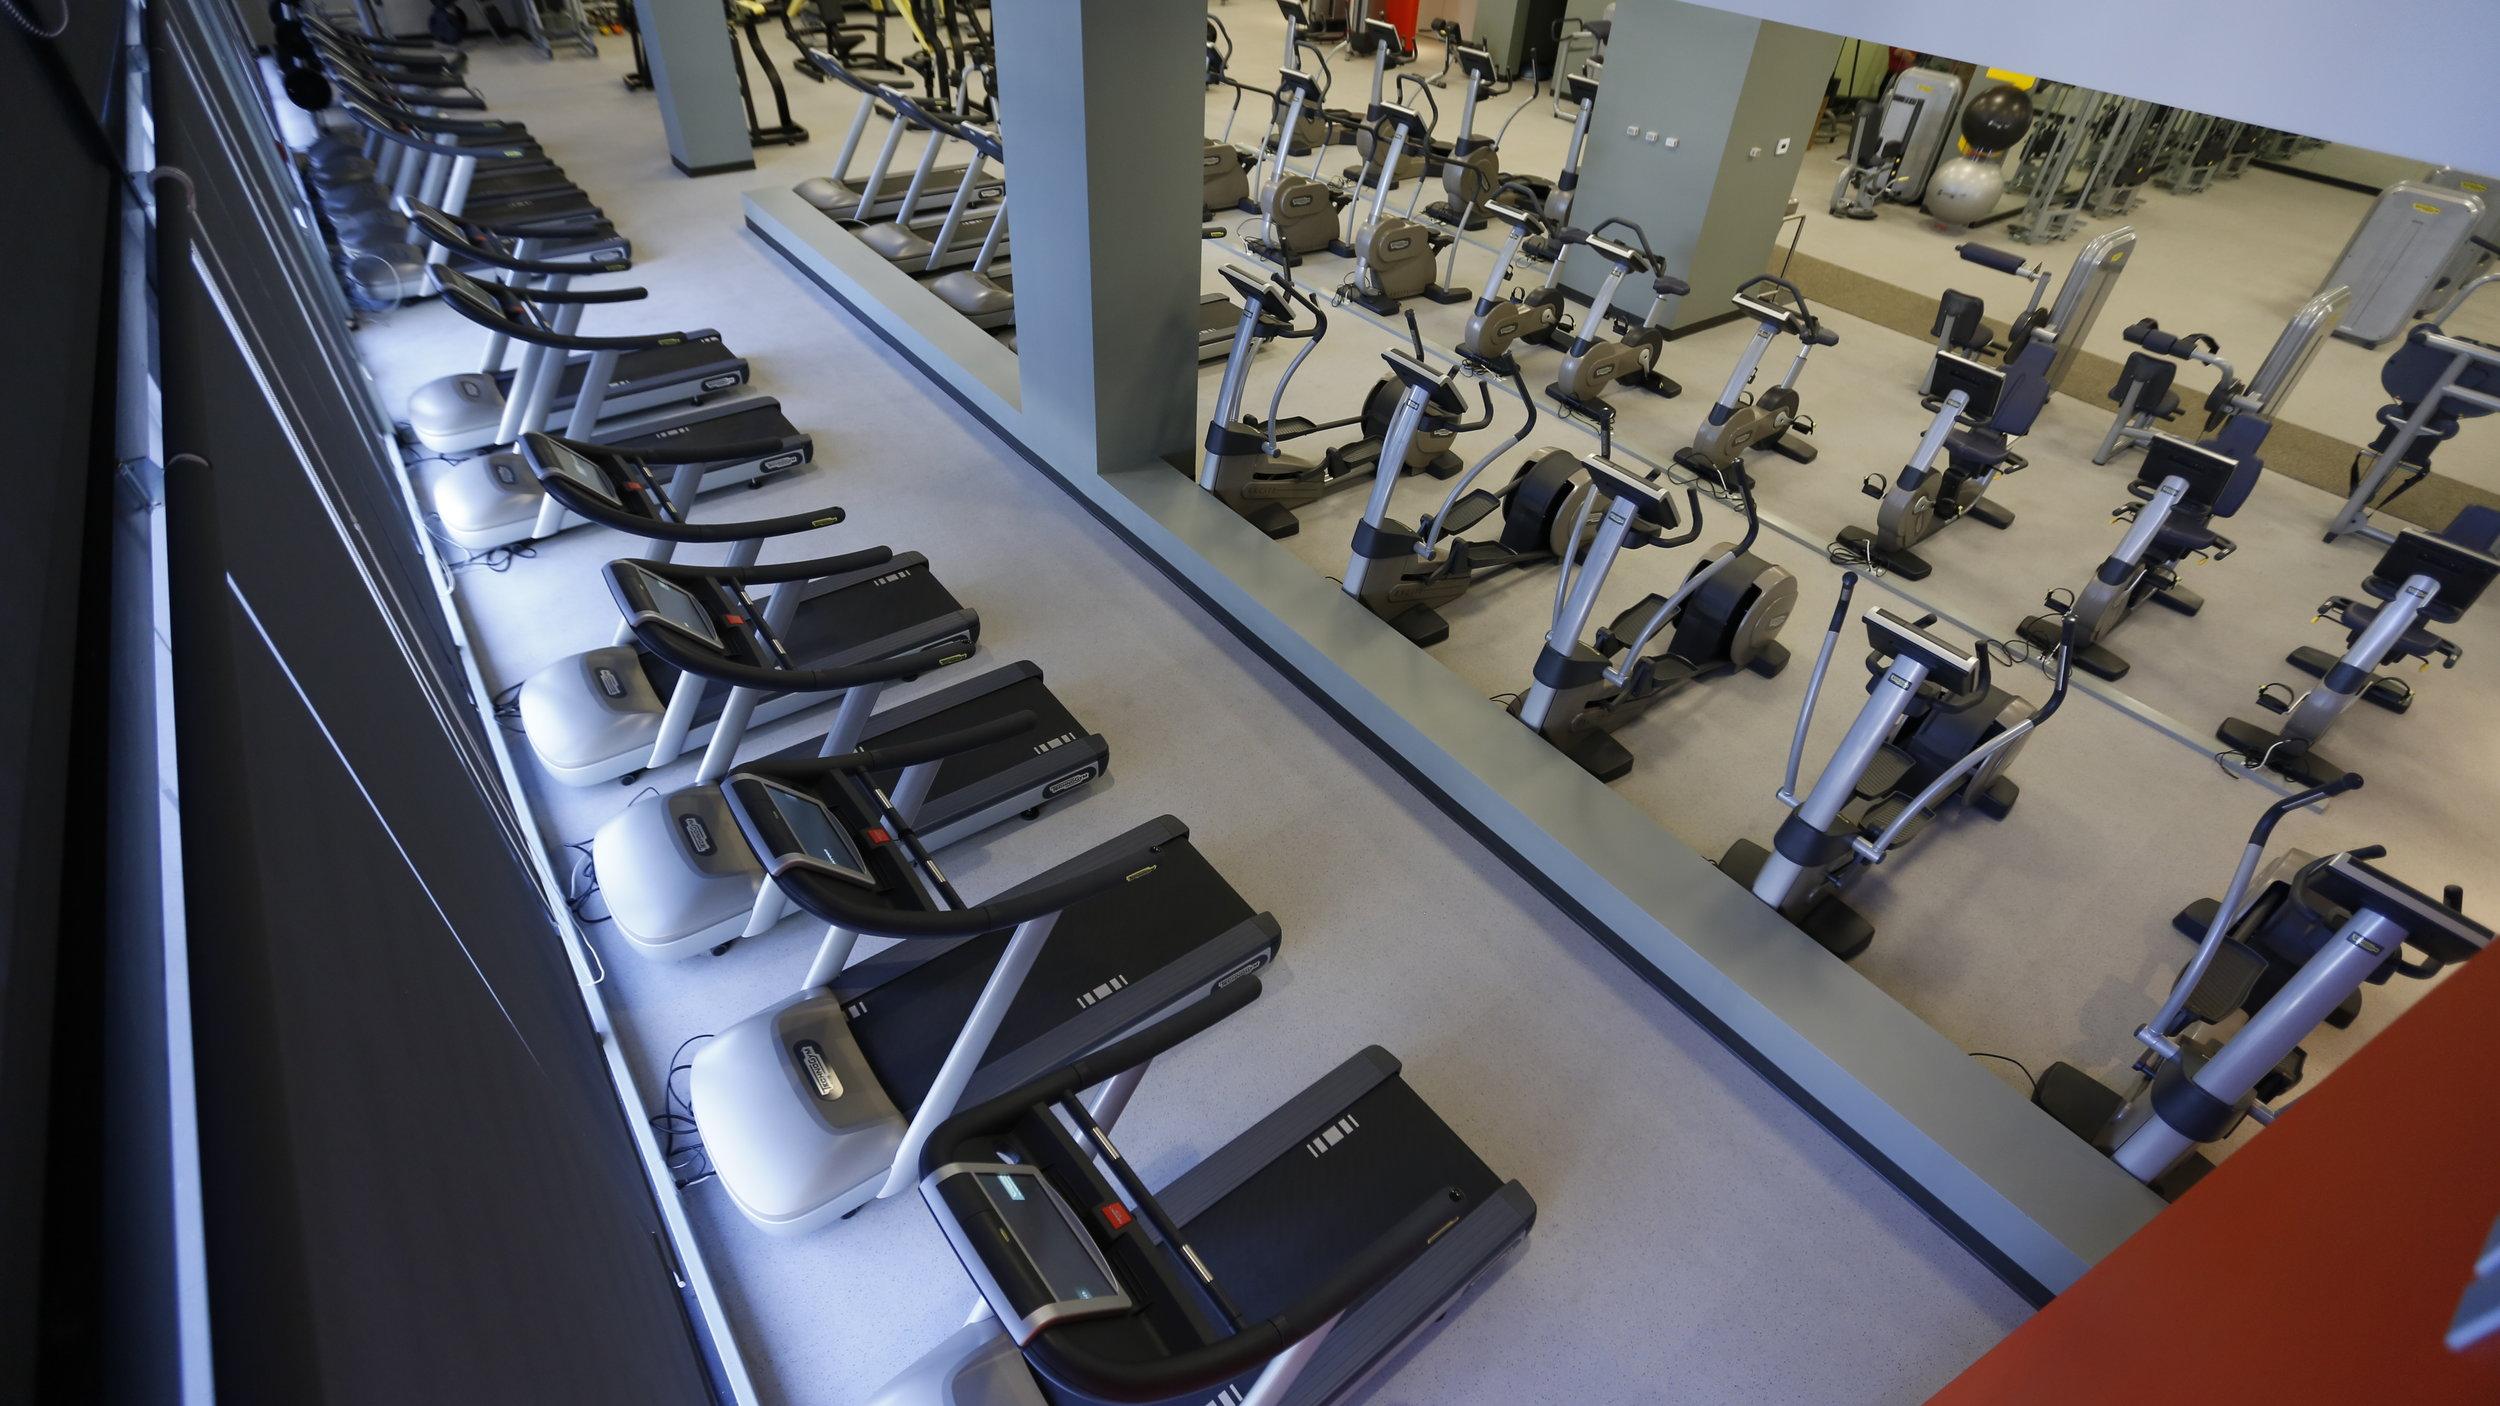 A full floor of cardio equipment